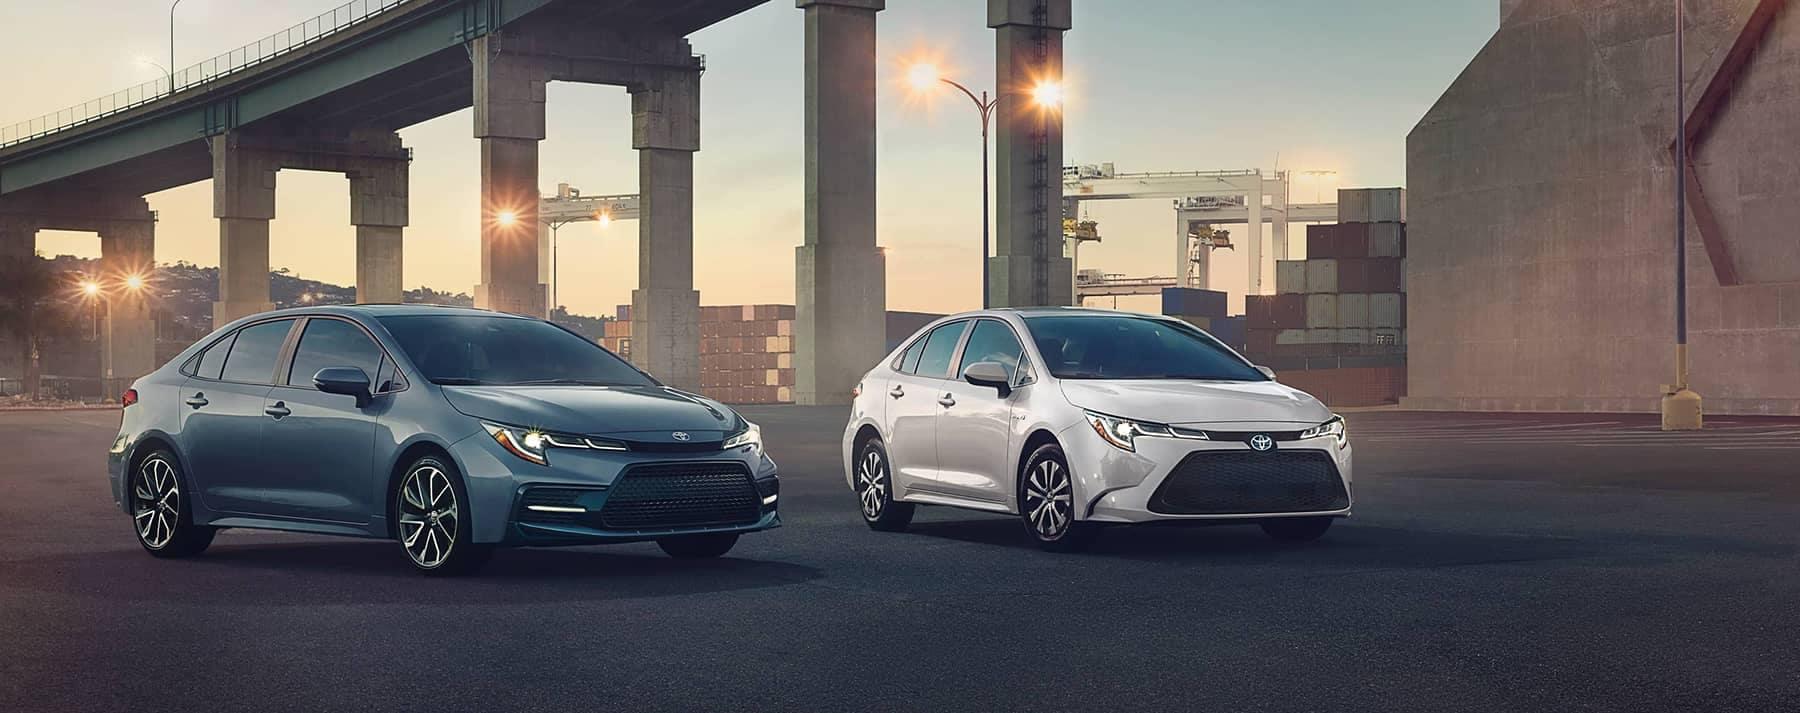 2020 Toyota Vehicles